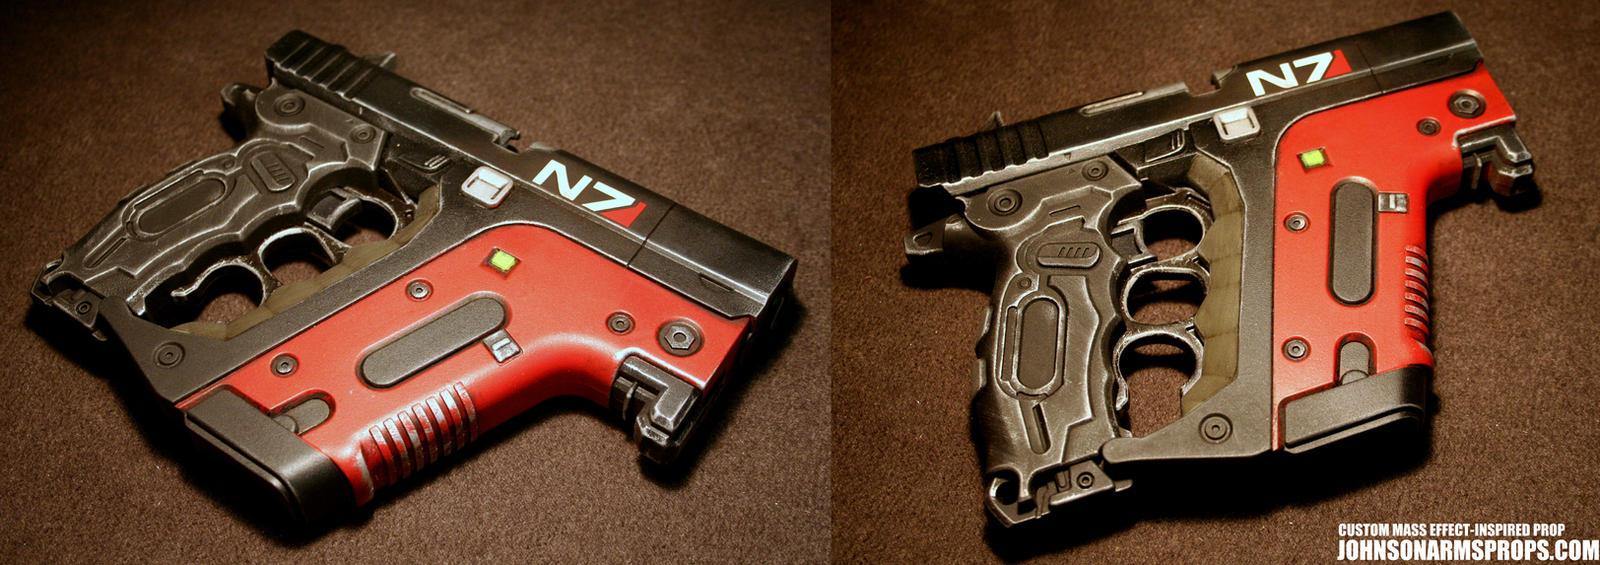 Custom Mass Effect-inspired Energy Pistol by JohnsonArms